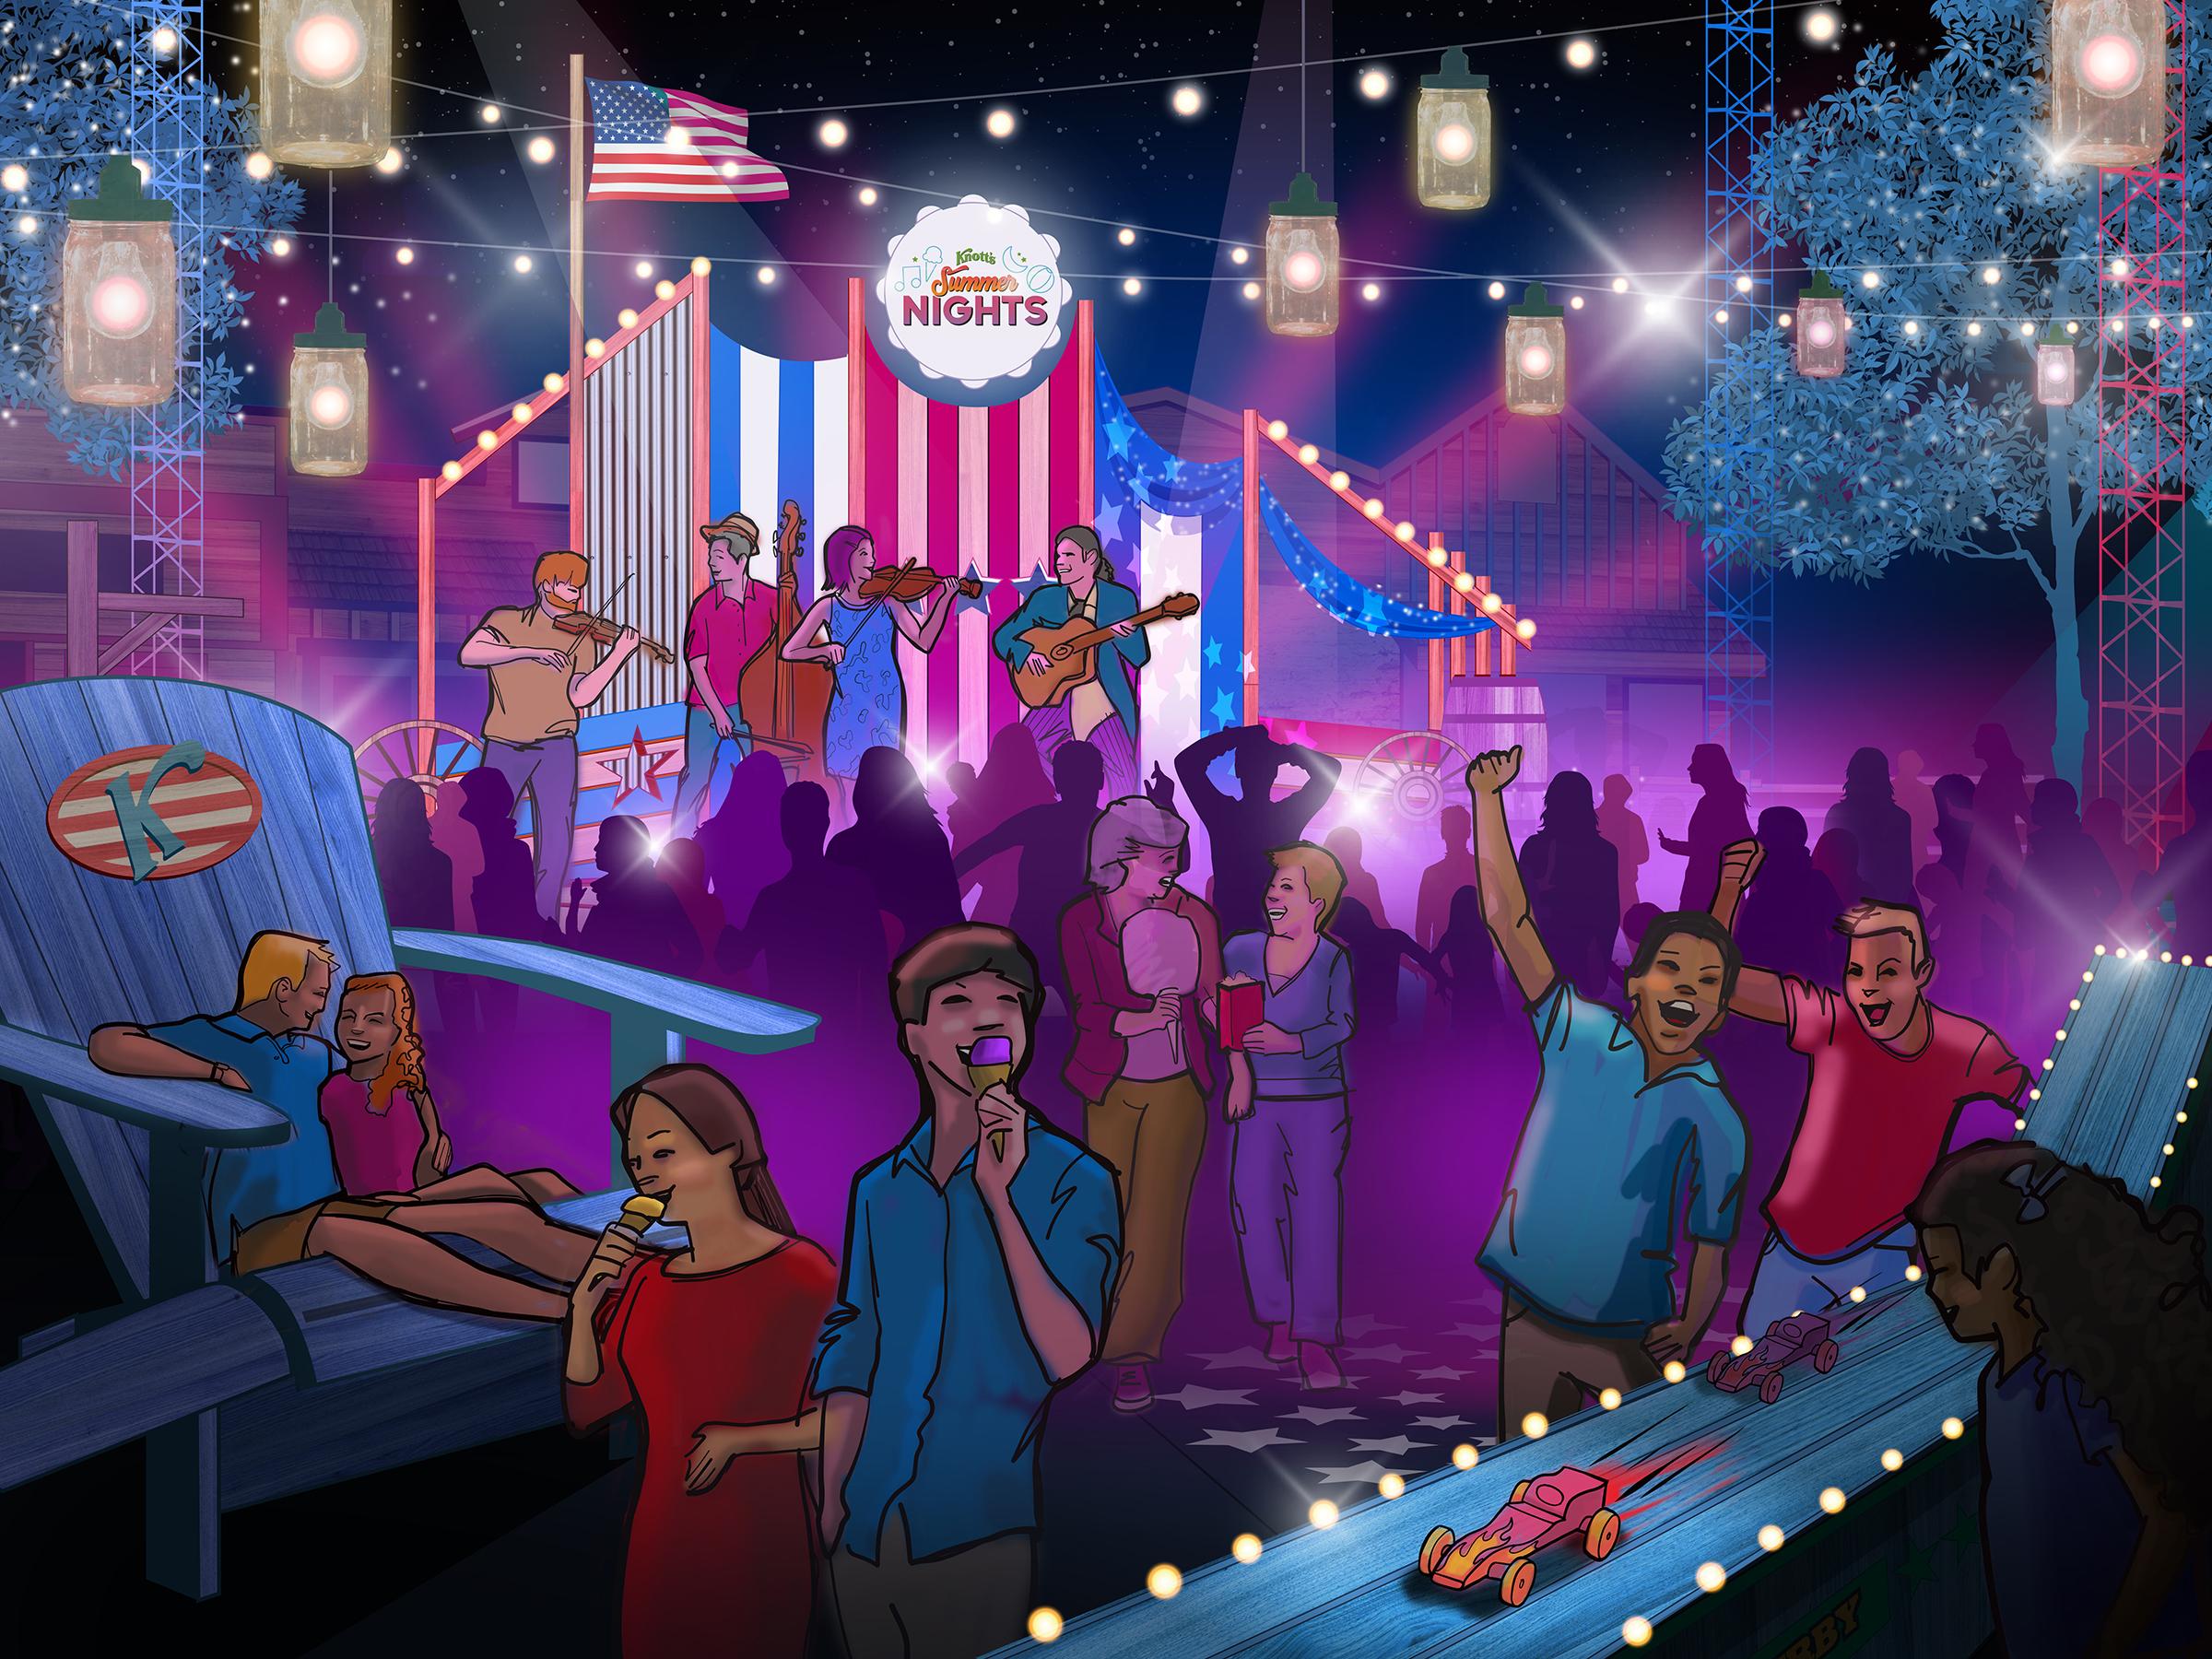 Summer Nights Calico Park Rendering.jpg